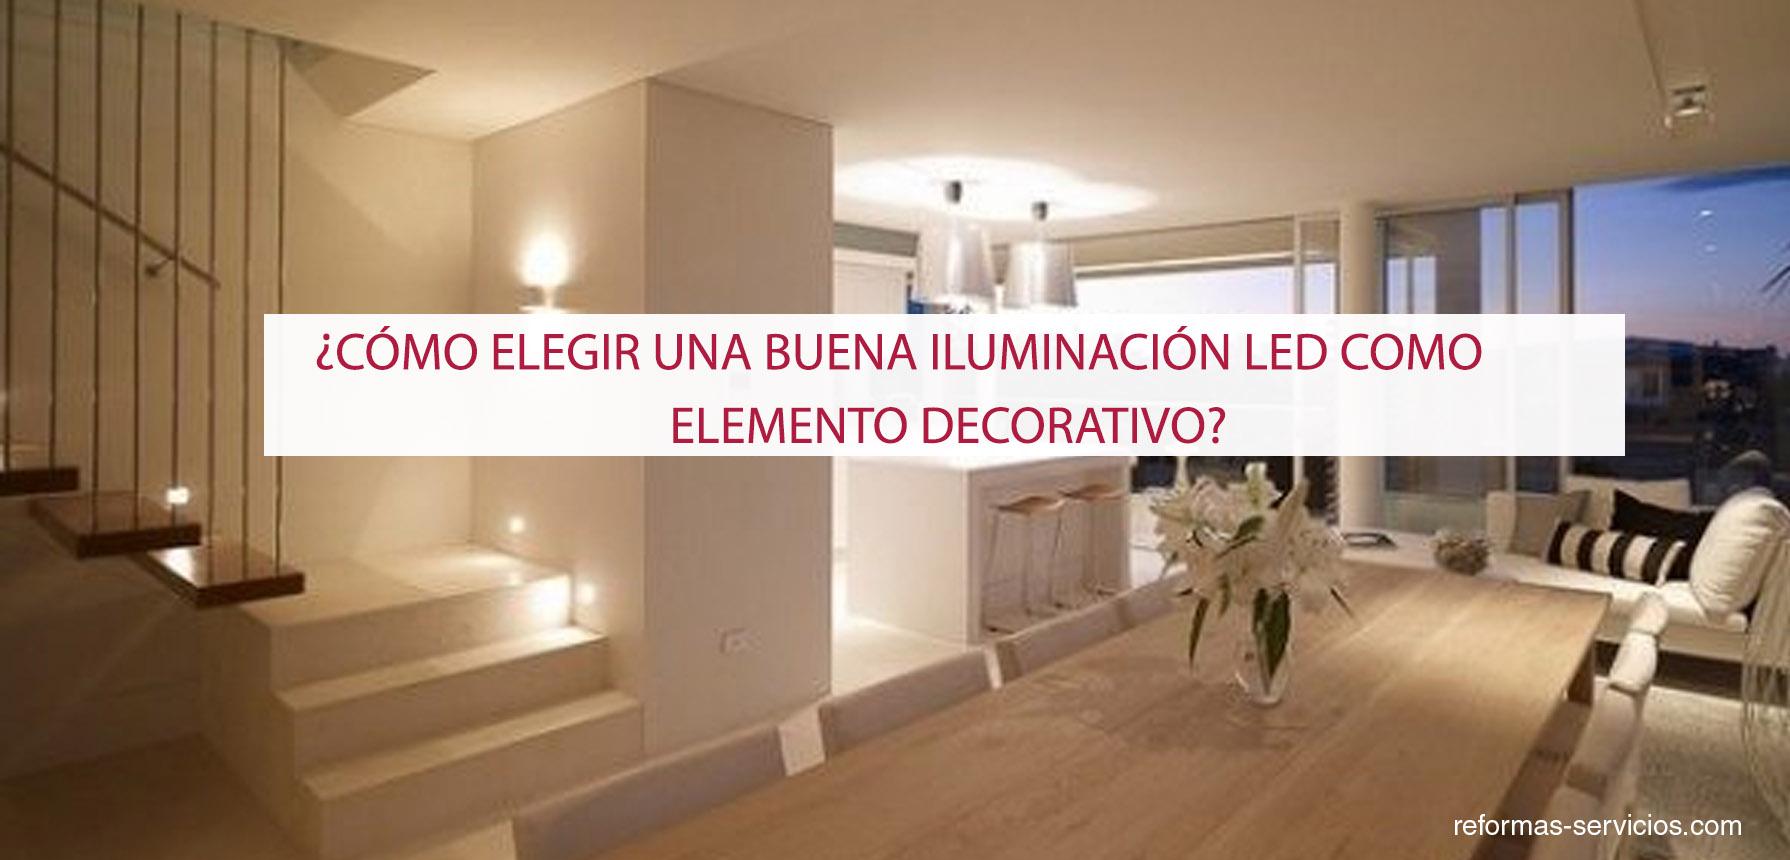 Iluminaci n led for Decoracion iluminacion